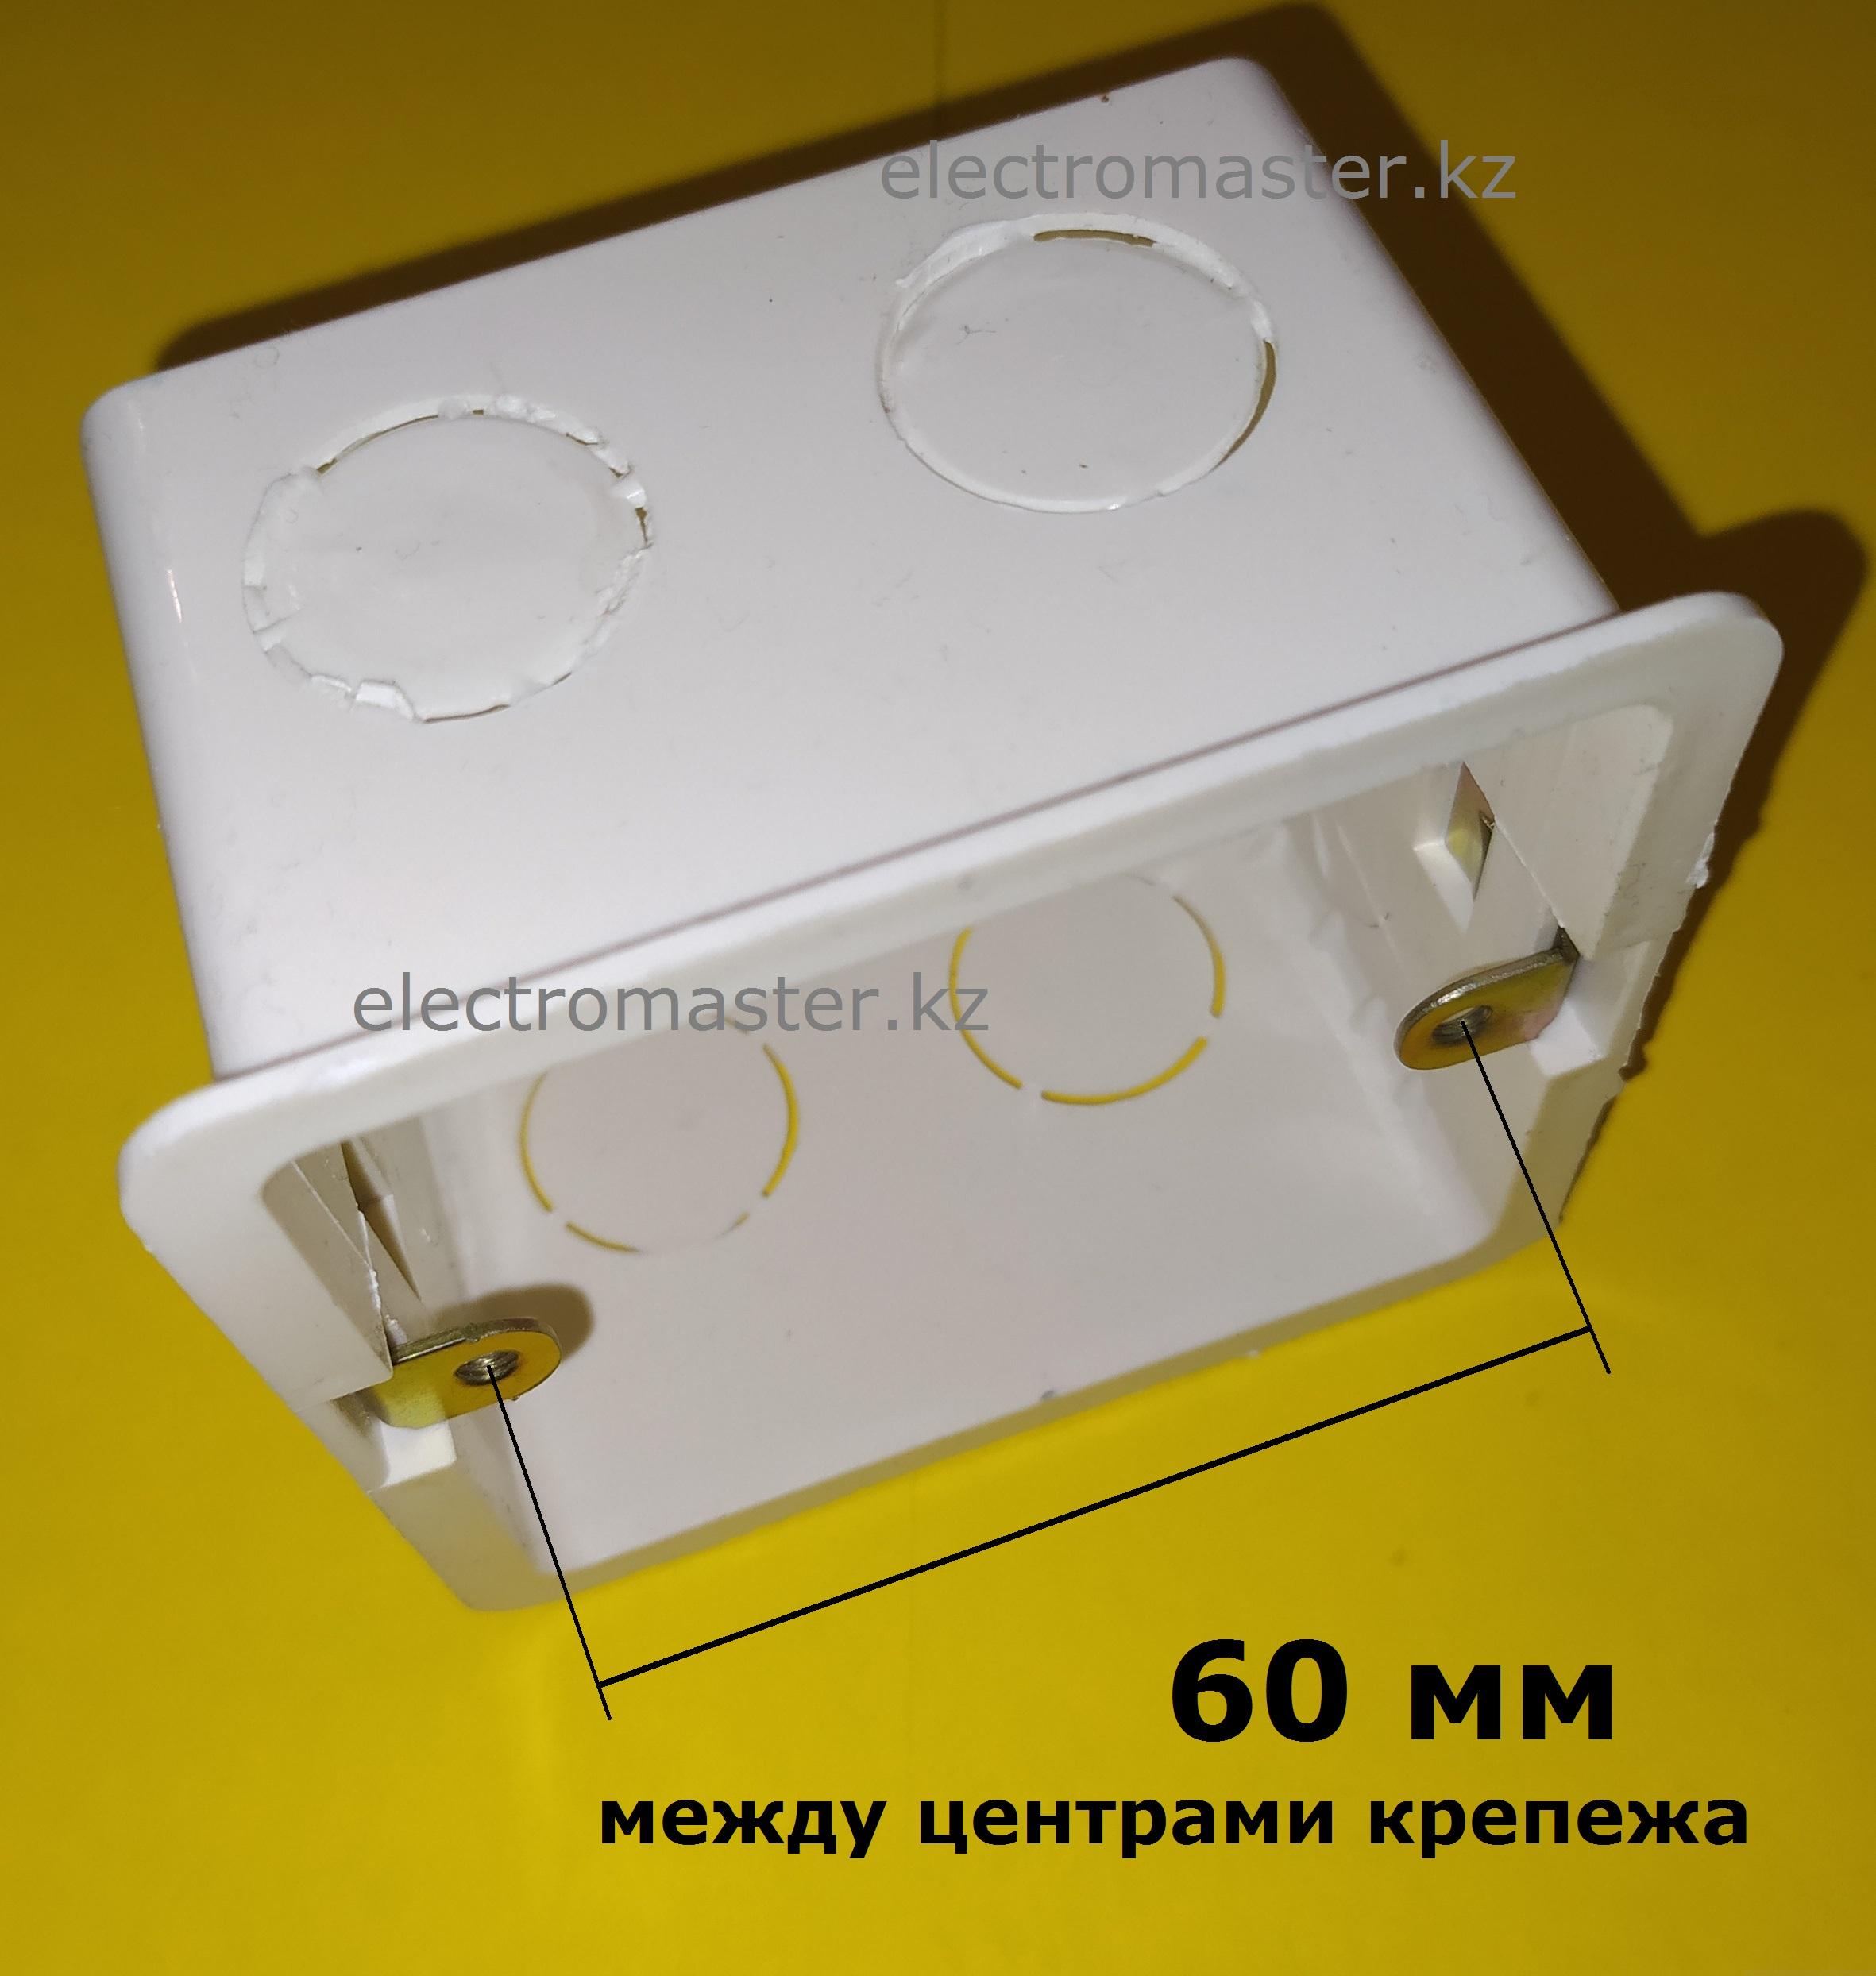 Расстояние между креплениями квадратного подрозетника, стандарта 86х86 - 60 мм, надежно фиксирует электротехническое изделие